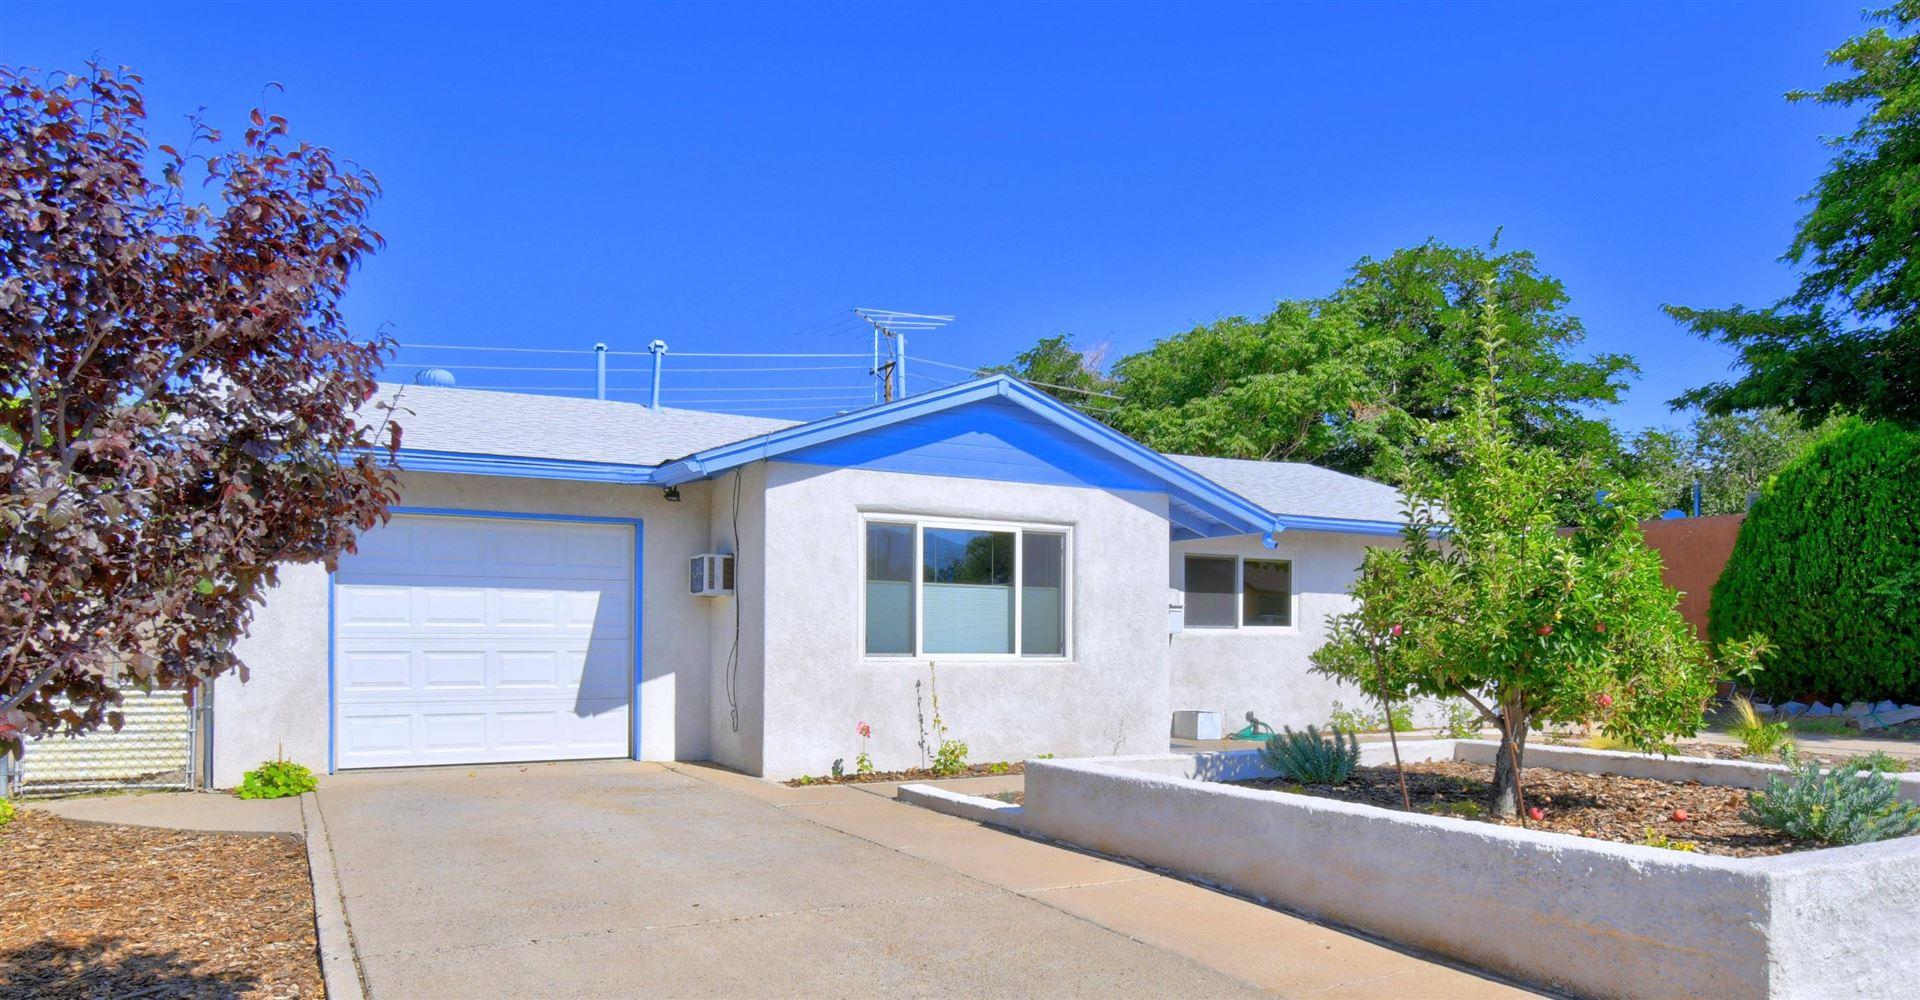 1405 GLORIETA Street NE, Albuquerque, NM 87112 - MLS#: 999471